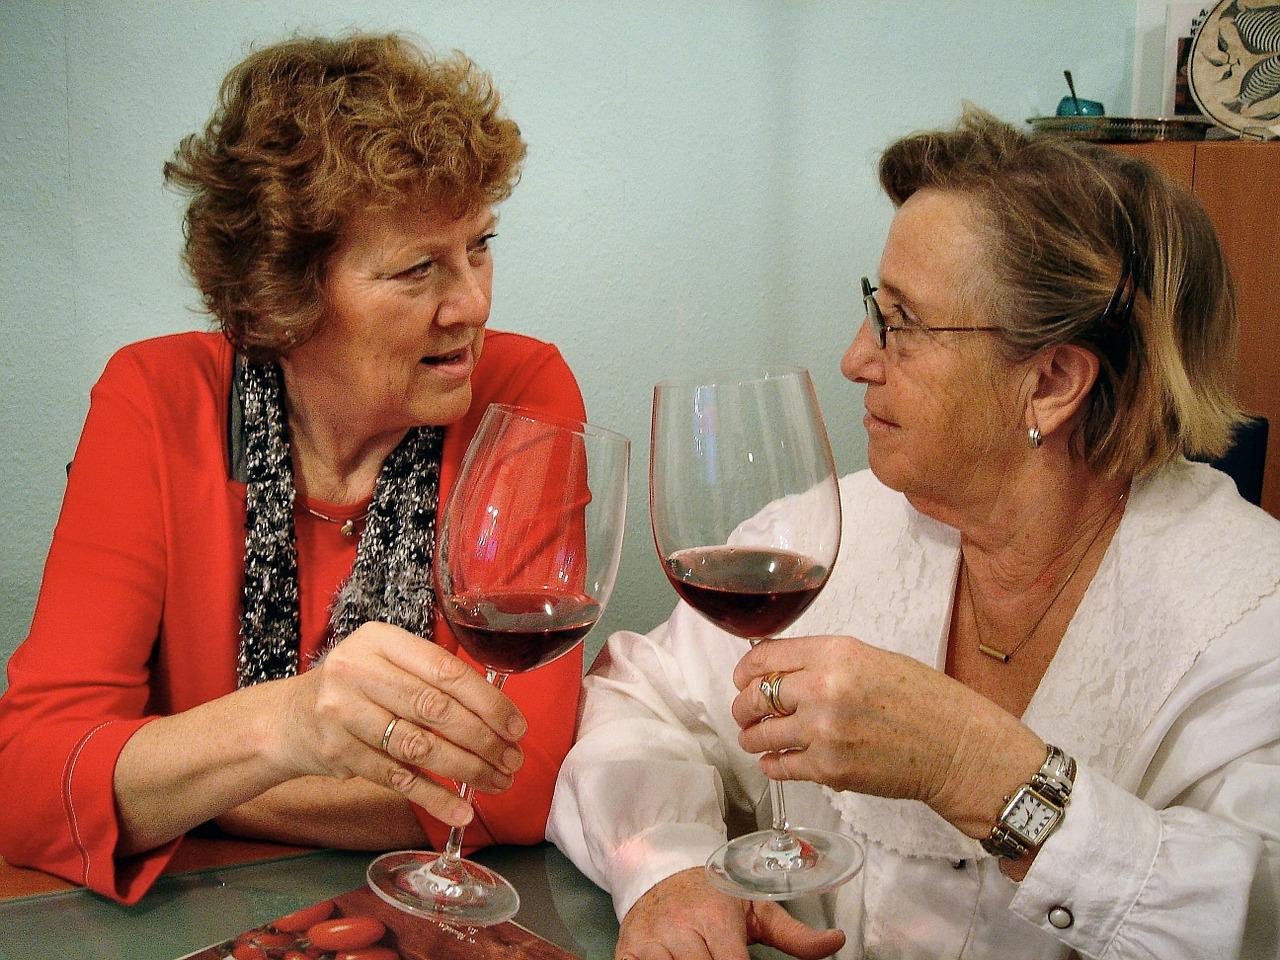 酒量不好的女性,骨折風險較高